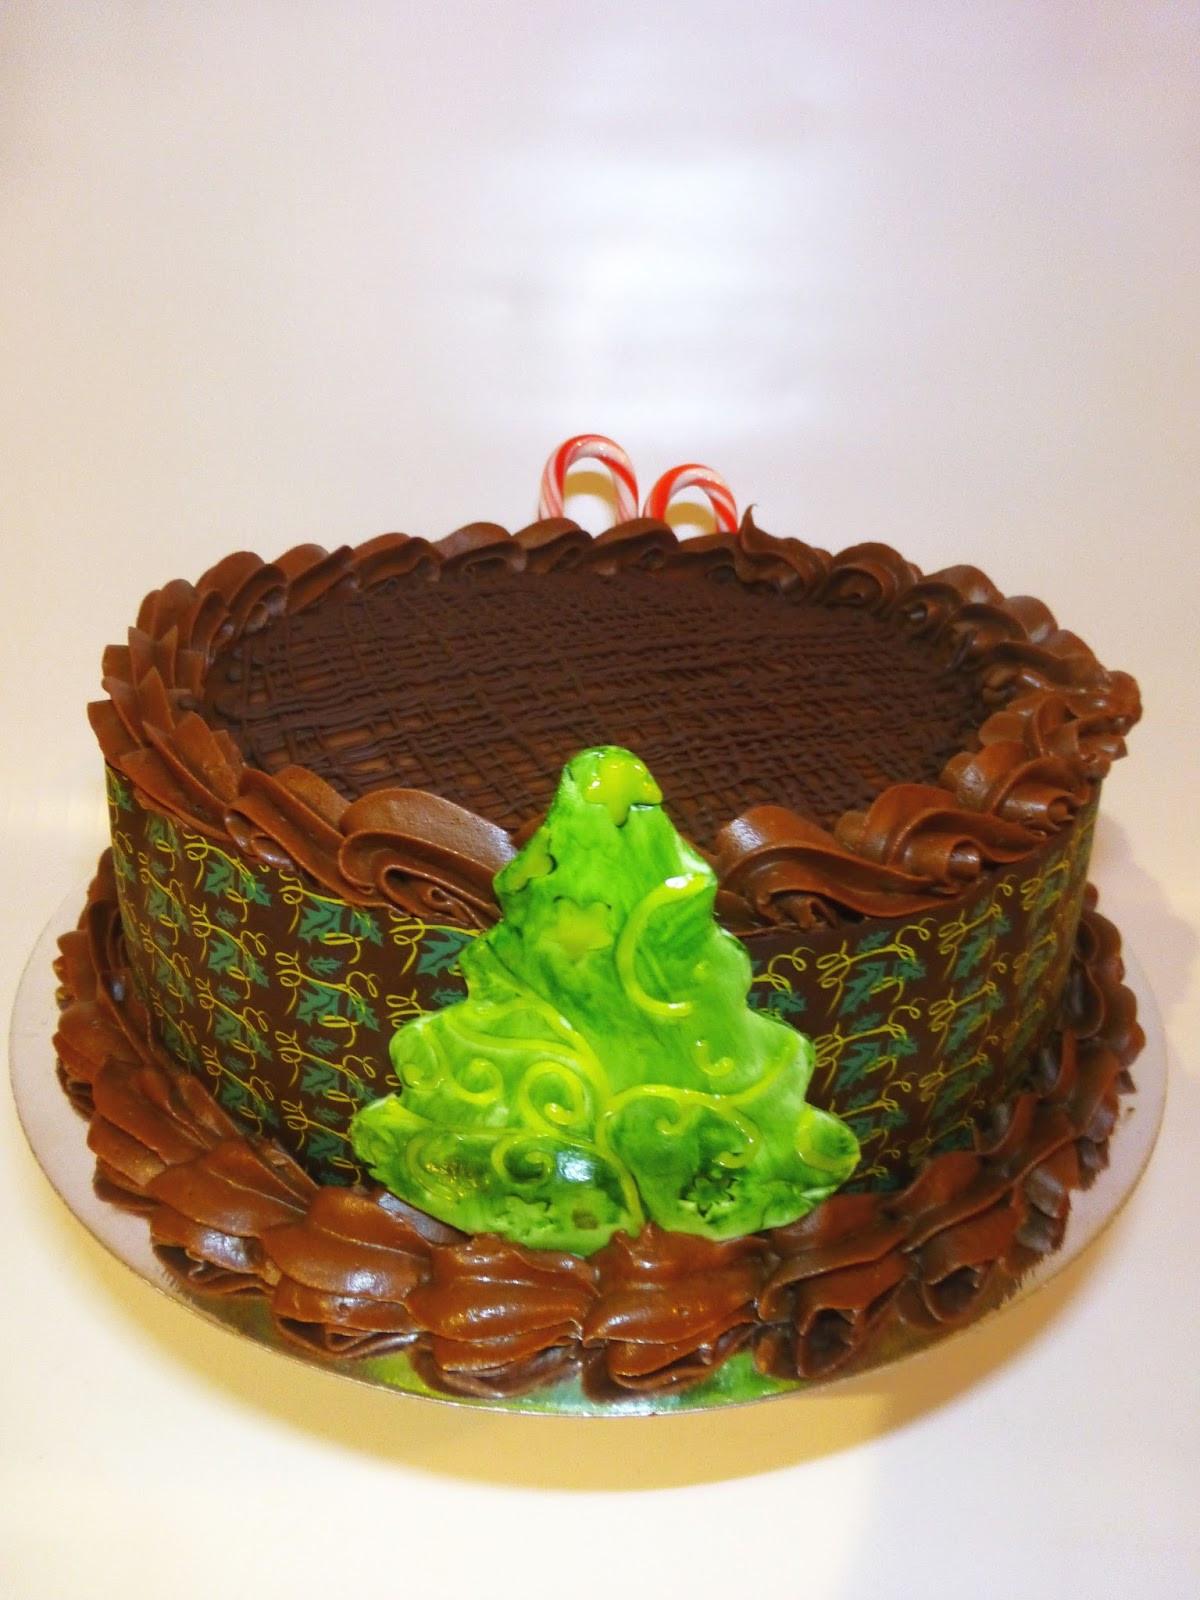 Chocolate Christmas Cake  CakeSophia Chocolate Christmas cake